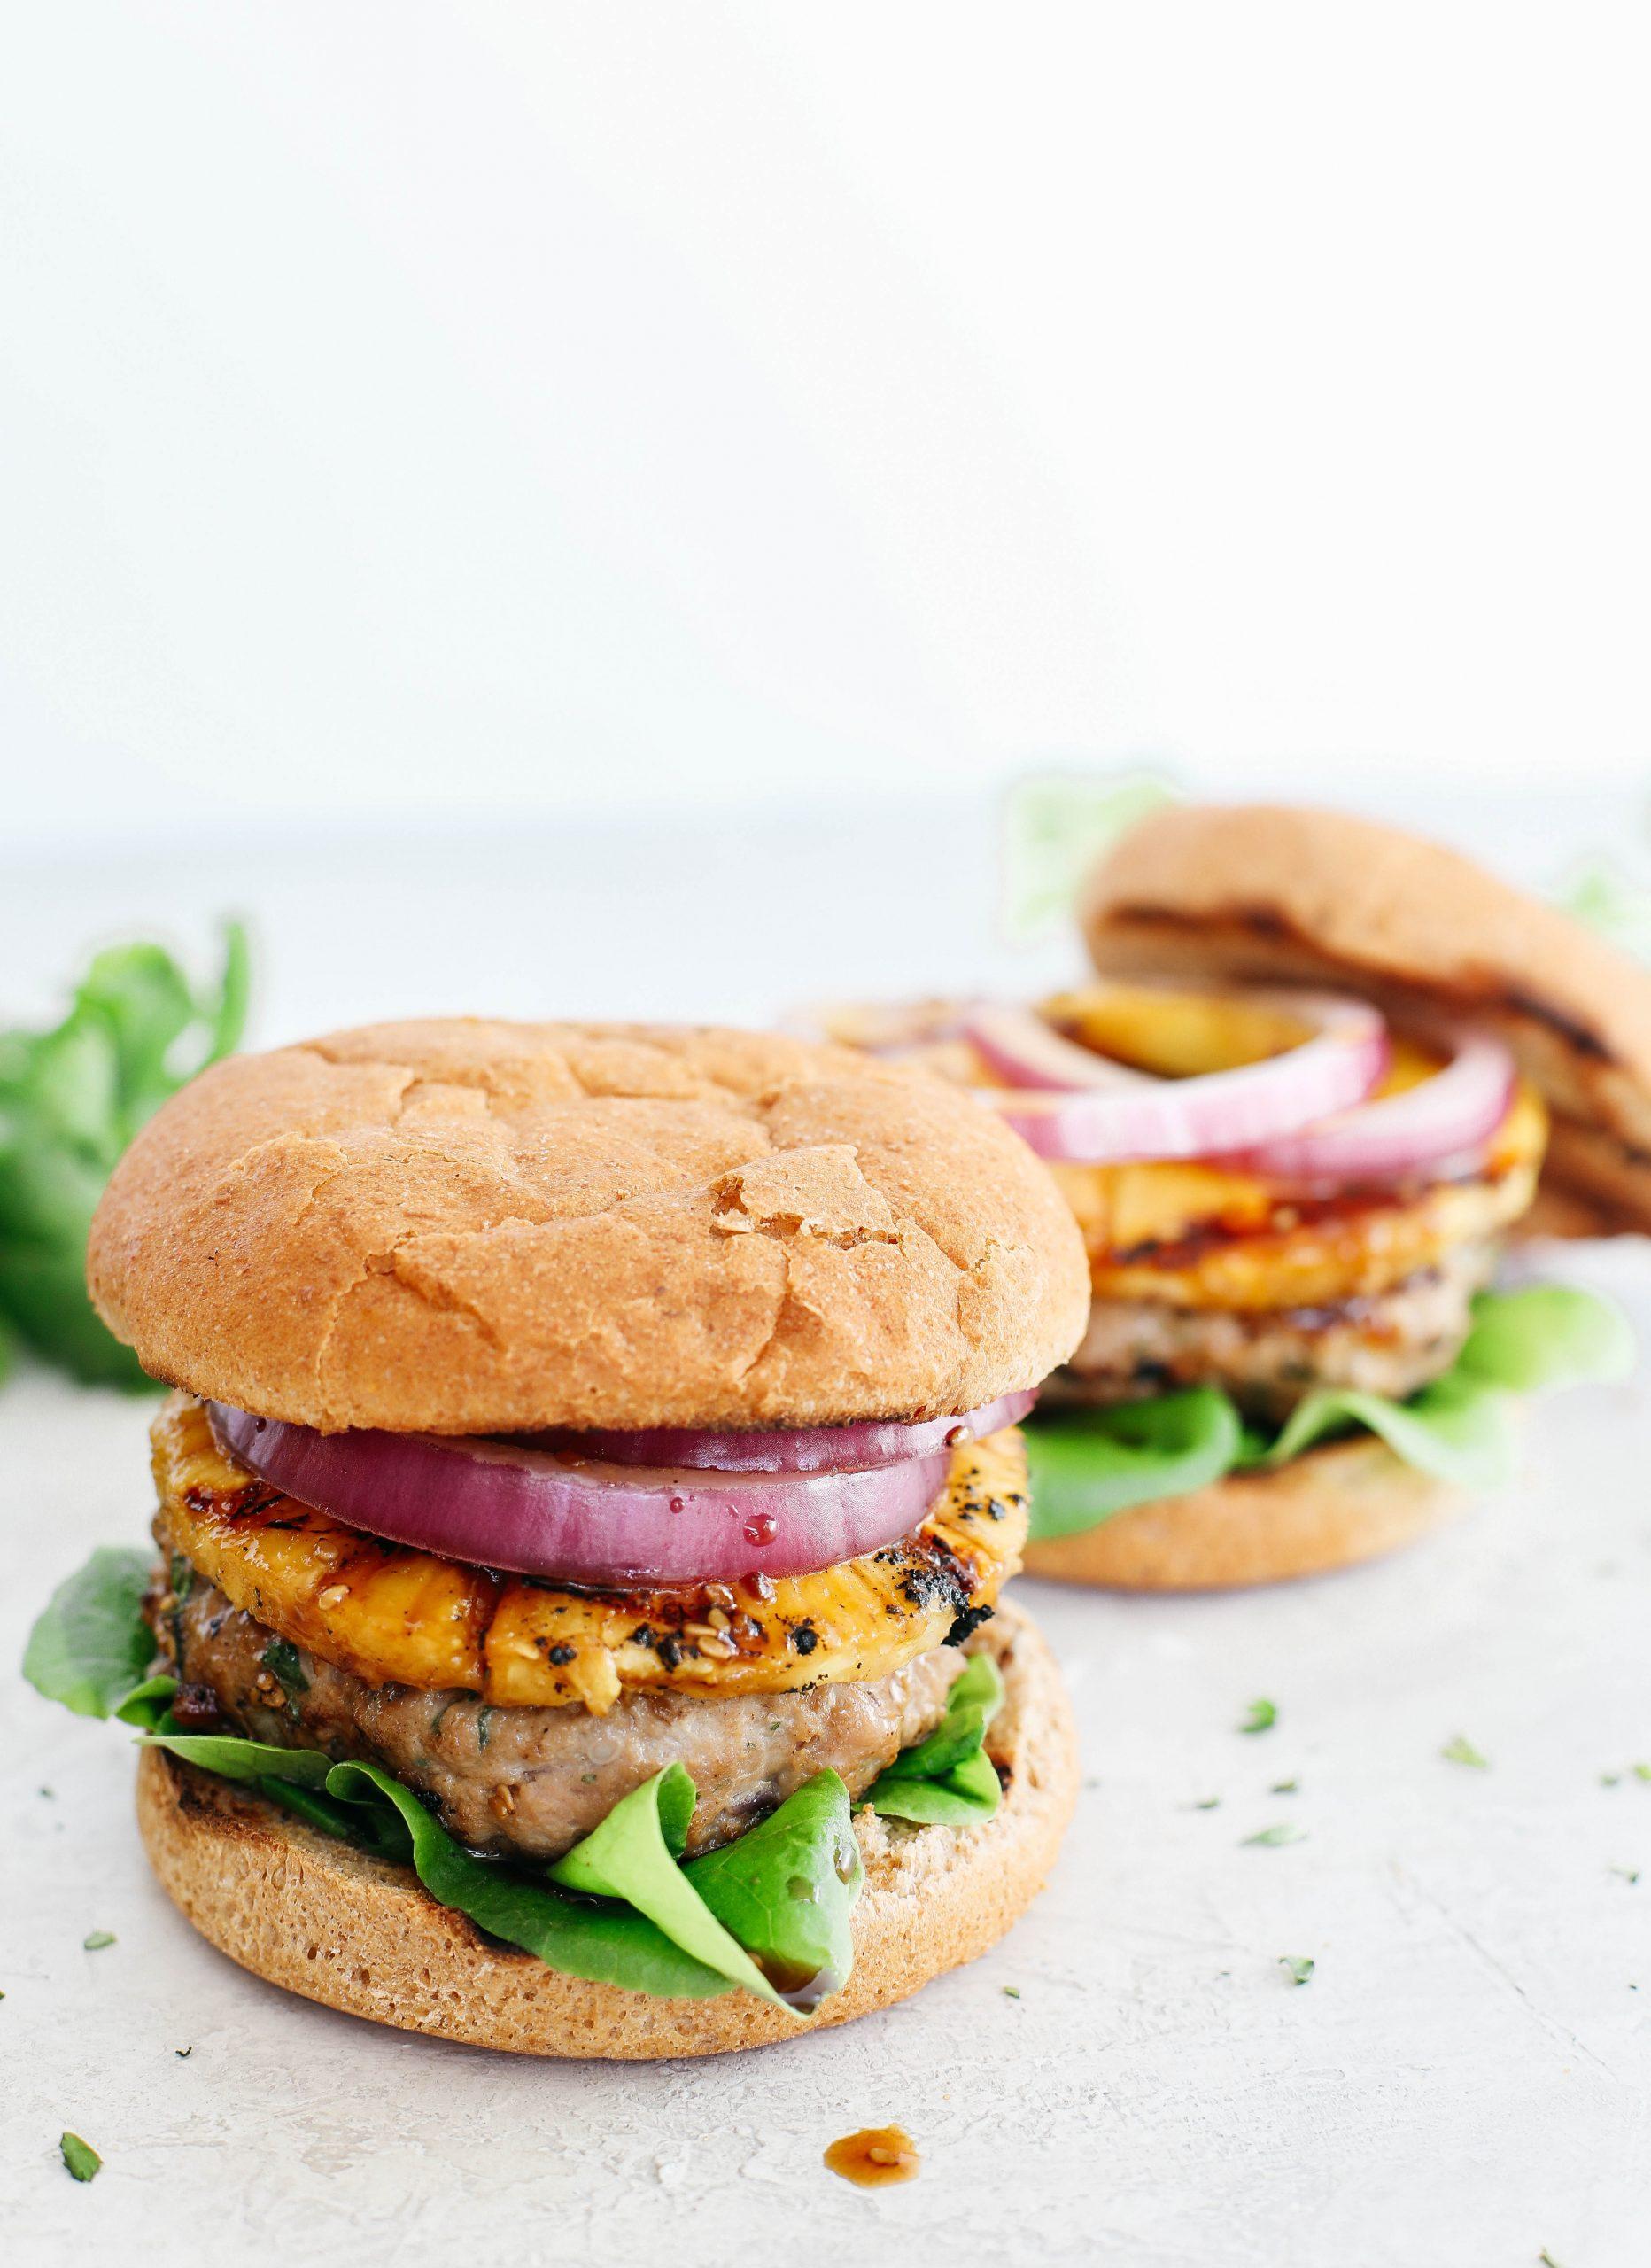 Esses deliciosos hambúrgueres de peru havaiano são embalados com toneladas de sabor, feitos com um molho teriyaki caseiro saudável e coberto com abacaxi fresco grelhado!